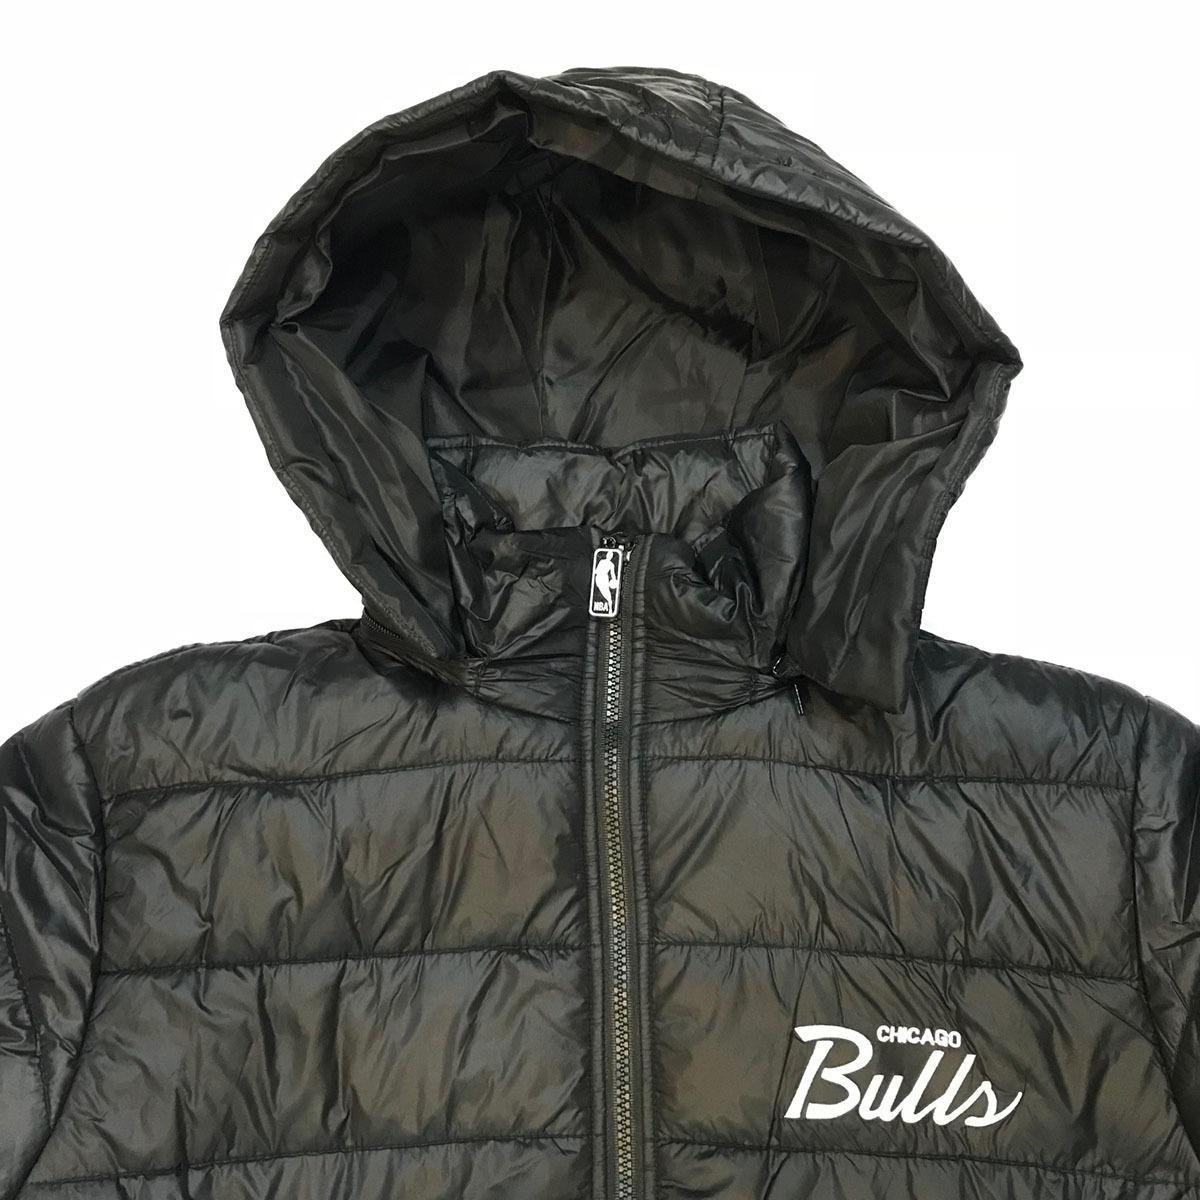 e72bf6a575ad5 jaqueta new era chicago bulls bomber promoção barato. Carregando zoom.